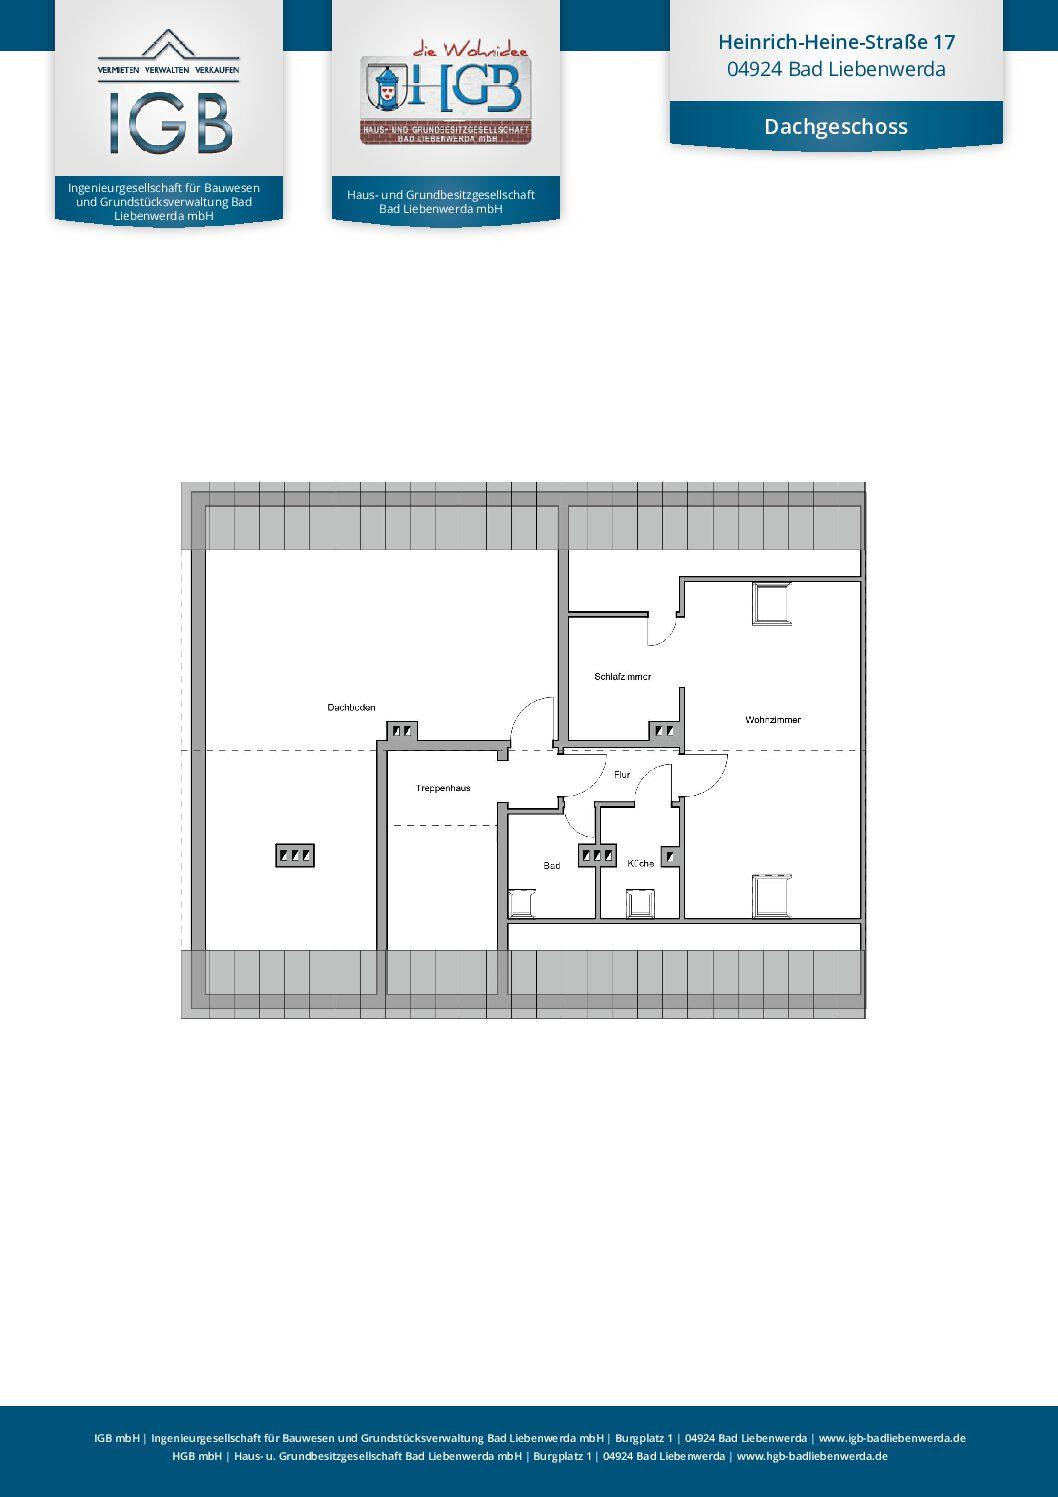 Kuschelige 1-Raum-Wohnung im Dichterviertel von Bad Liebenwerda